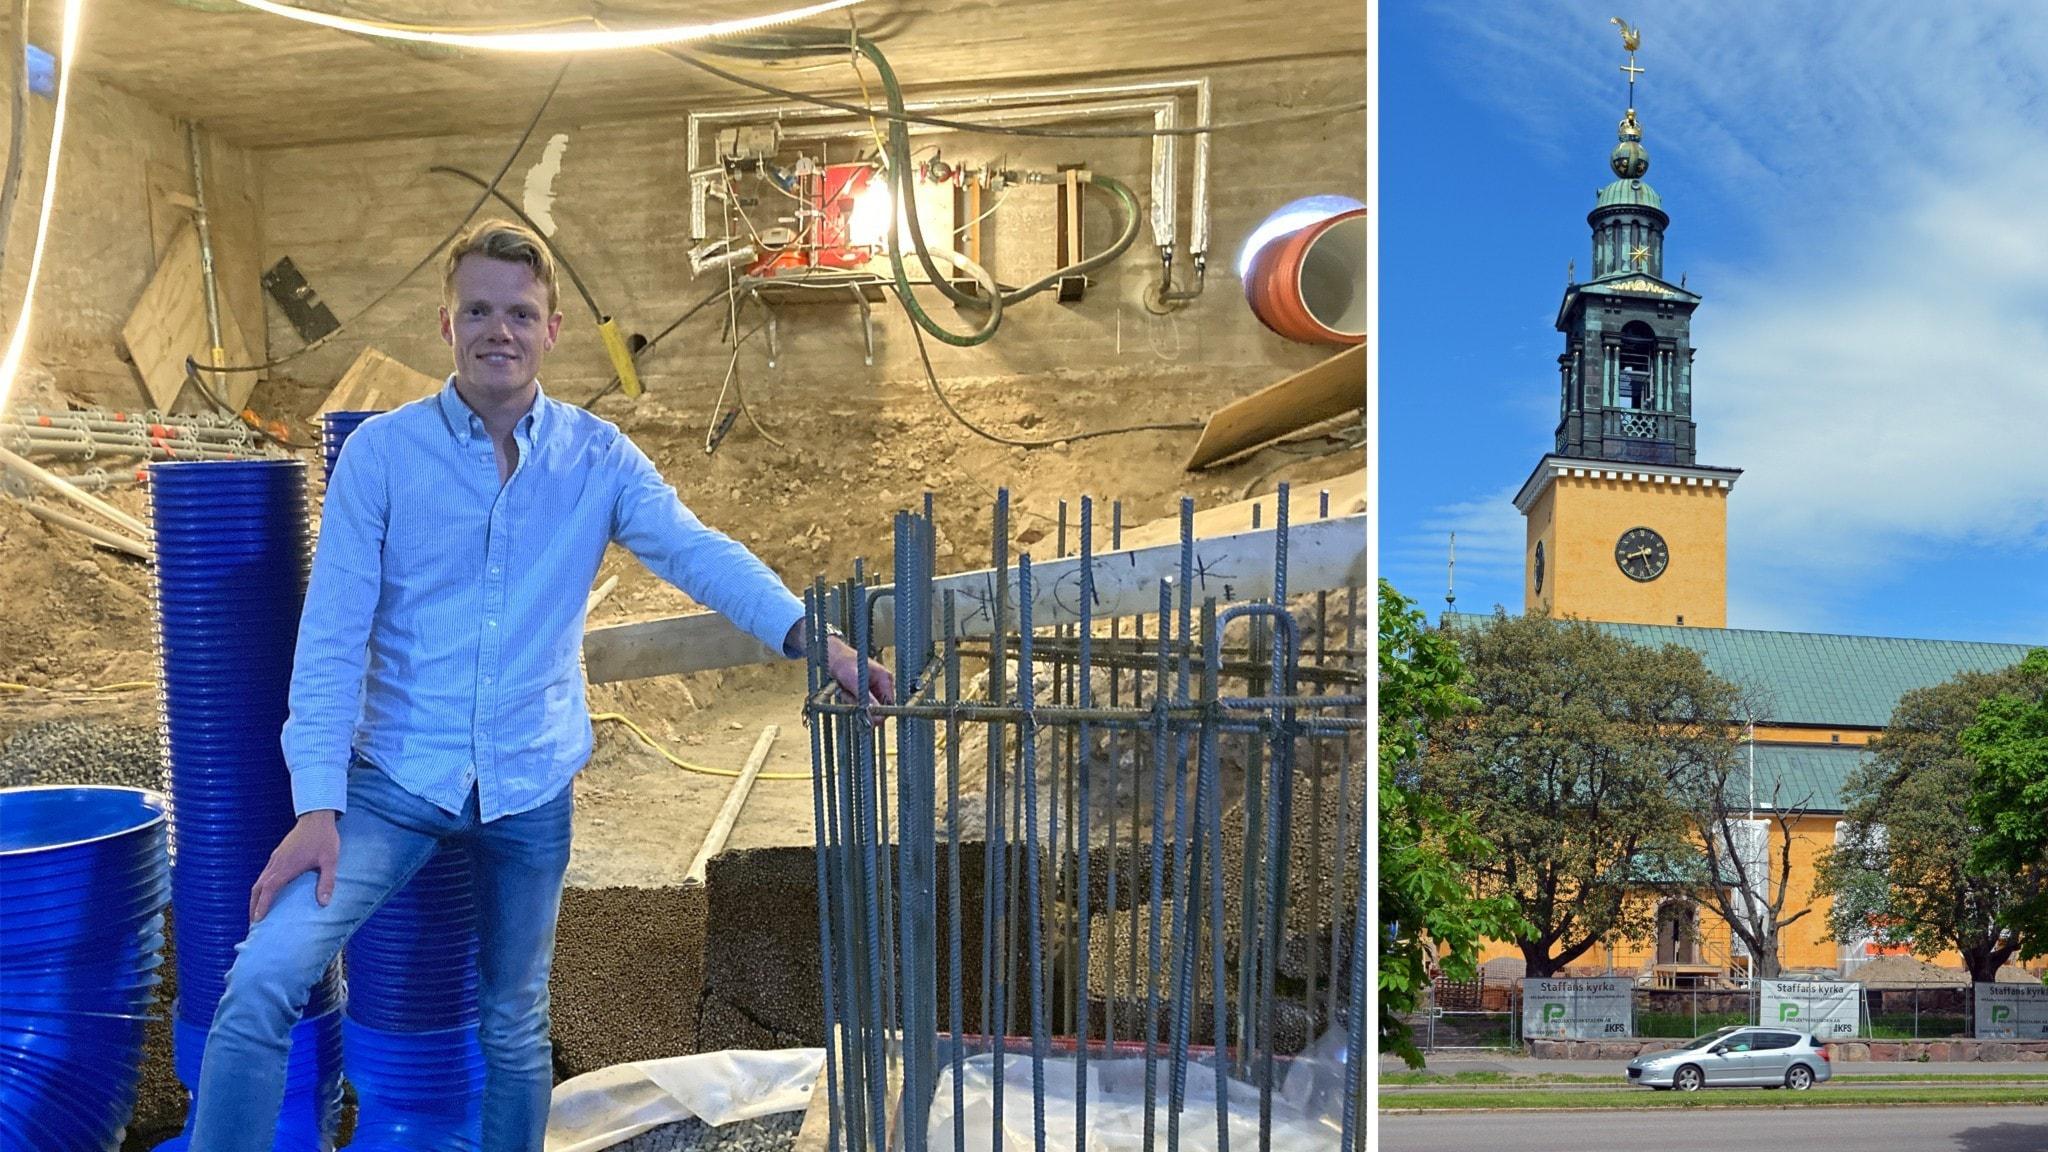 Göteborgs haga dating apps / Singlar I Gävle Staffan : Haggesgolf